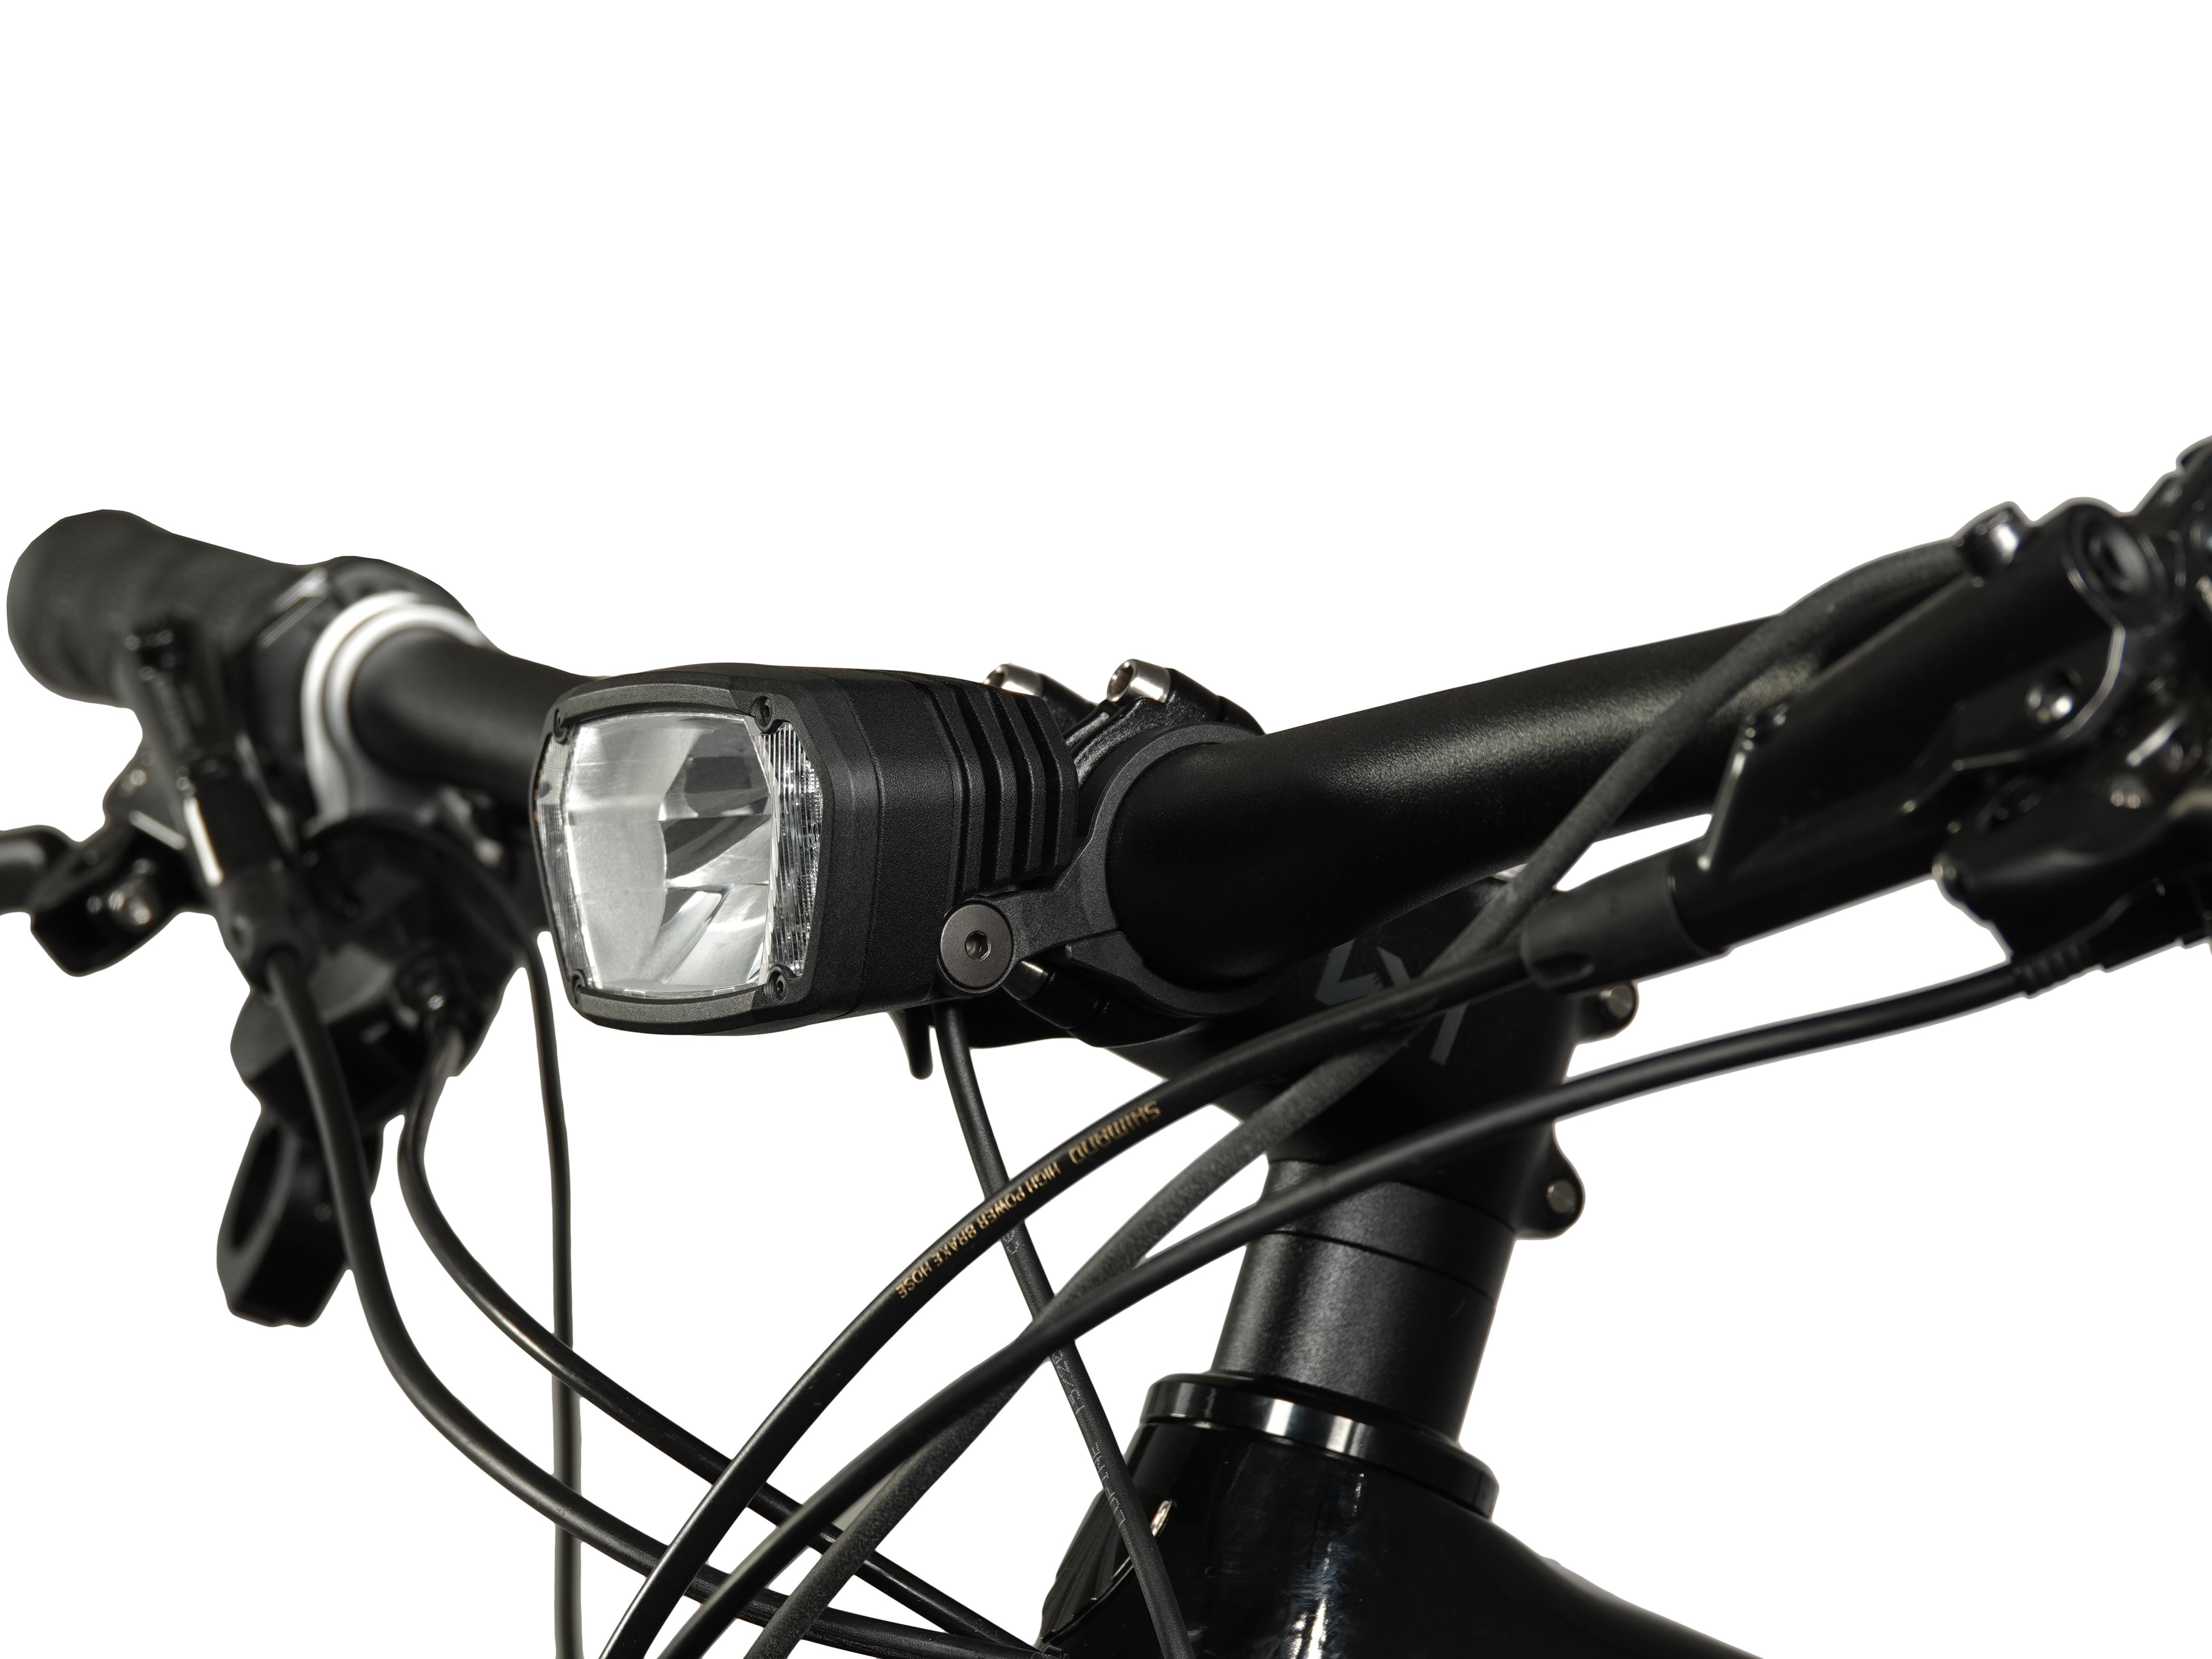 SL X Lenkerhalter 31.8mm (beidseitig)